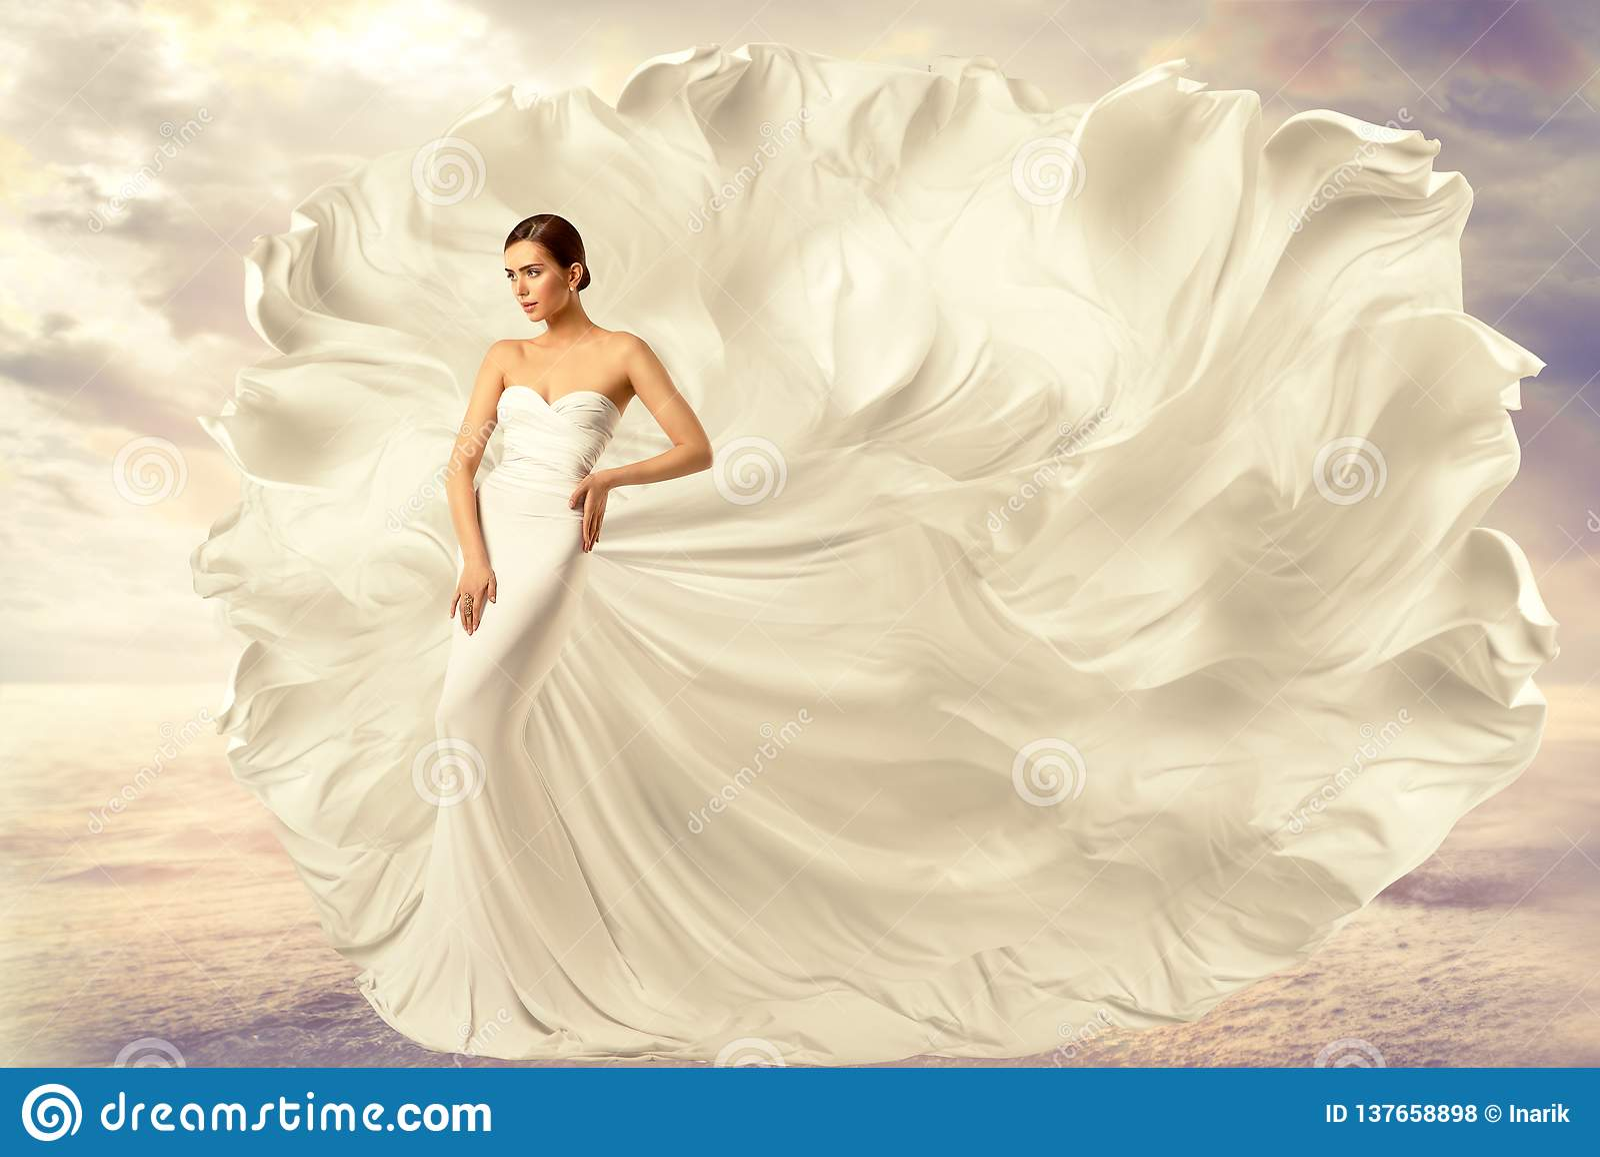 Vestido branco da mulher, modelo de forma no vestido de ondulação de seda longo, tela de vibração de voo no vento